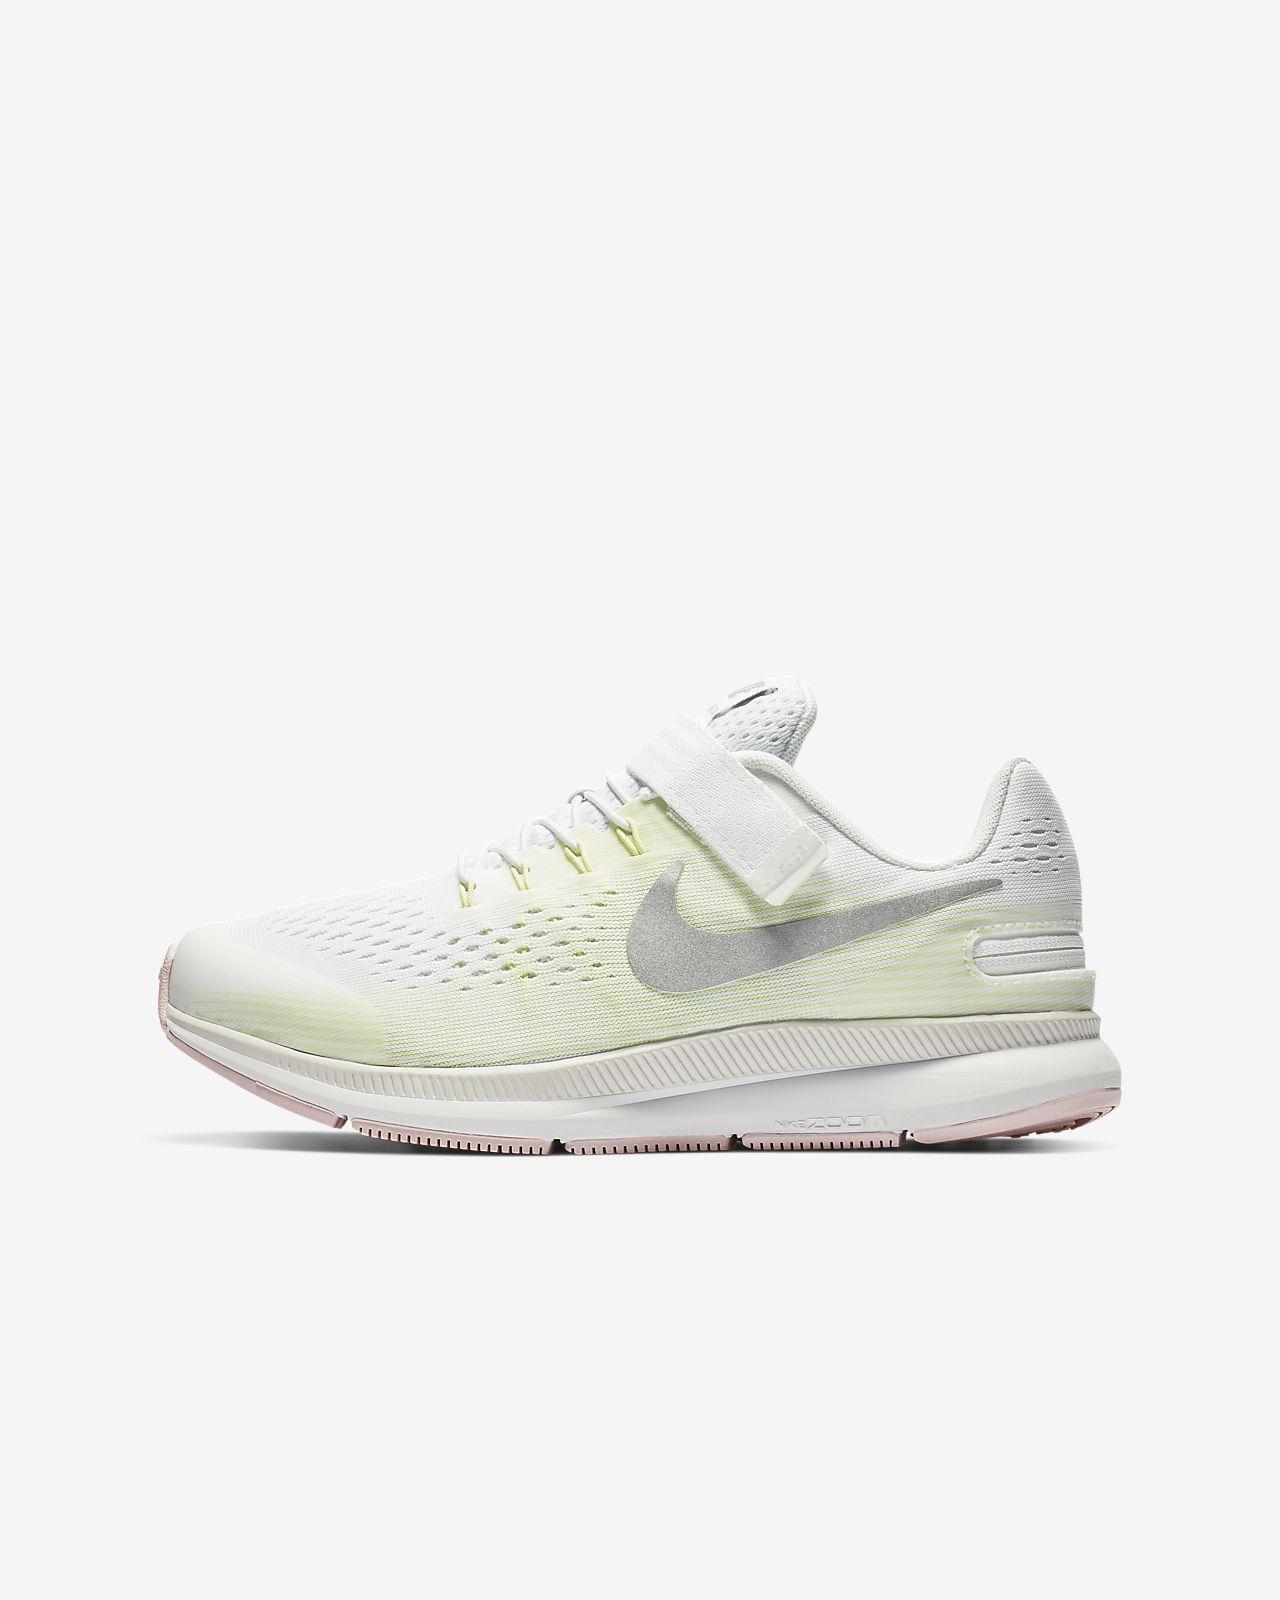 Běžecká bota Nike Zoom Pegasus 34 FlyEase pro malé/větší děti